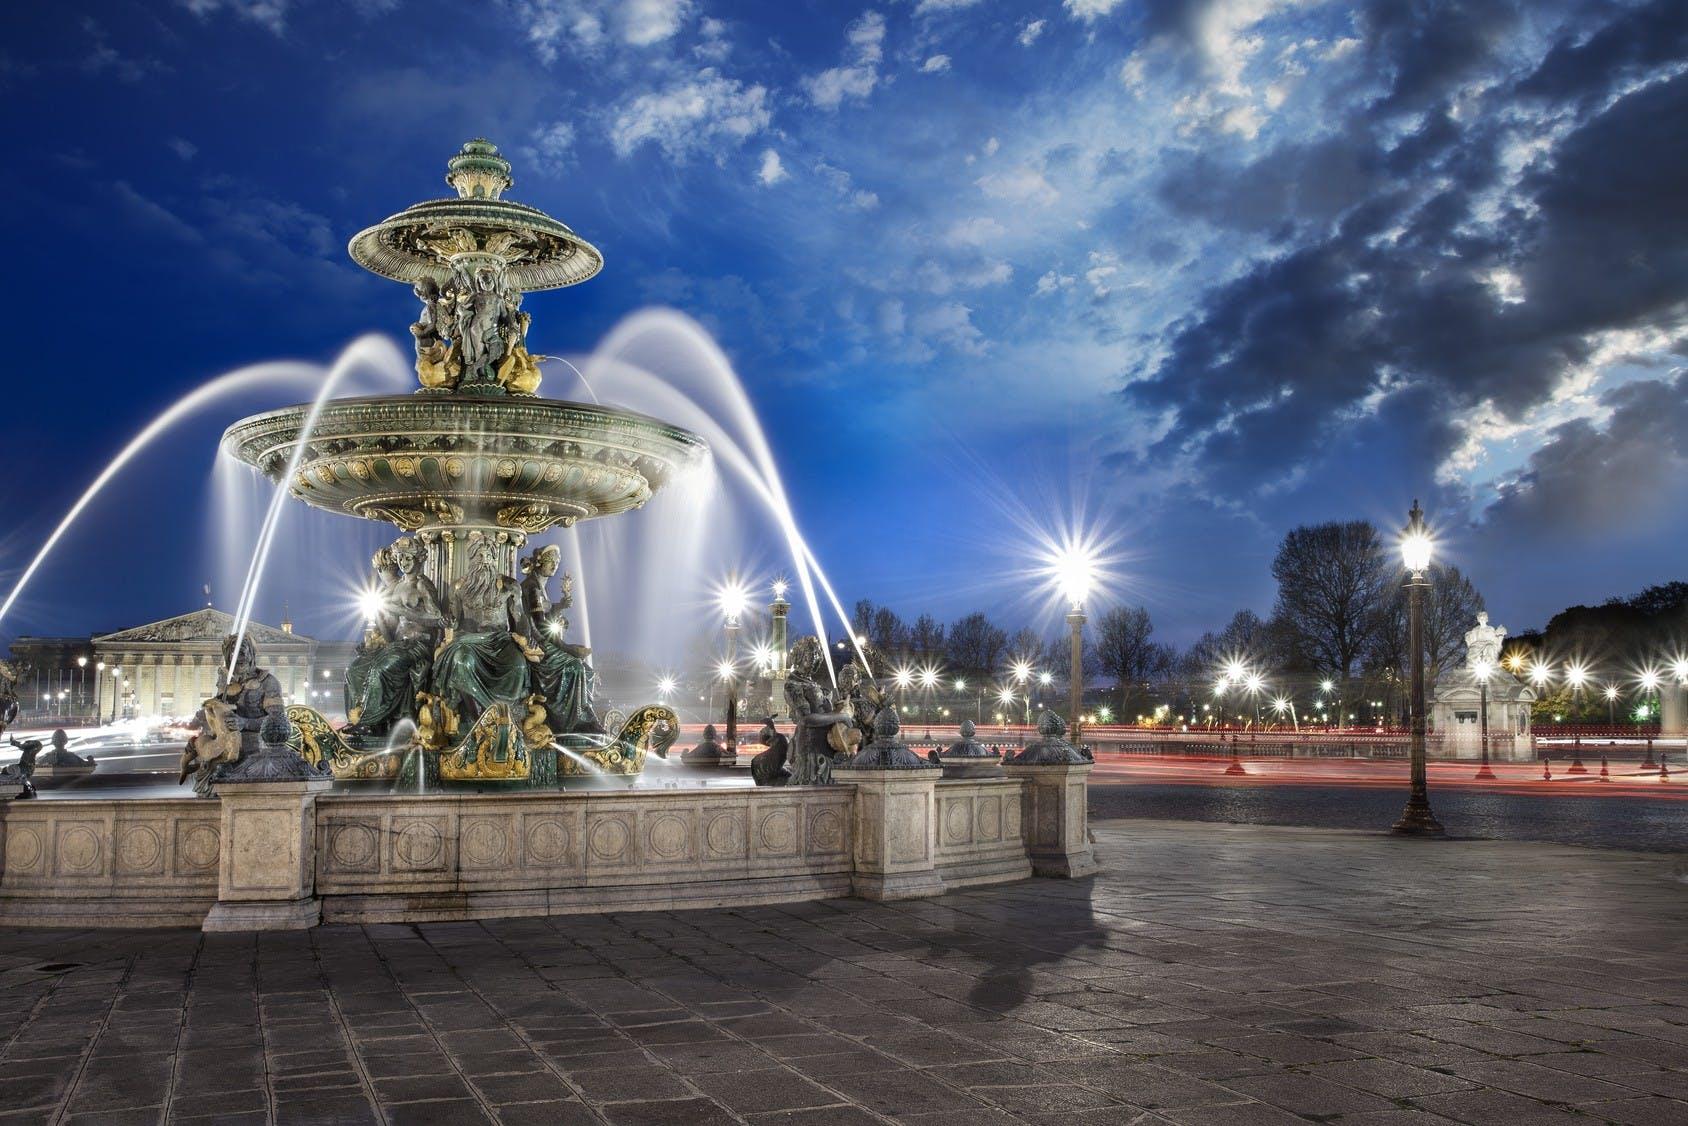 place de la concorde fountain at night.jpg